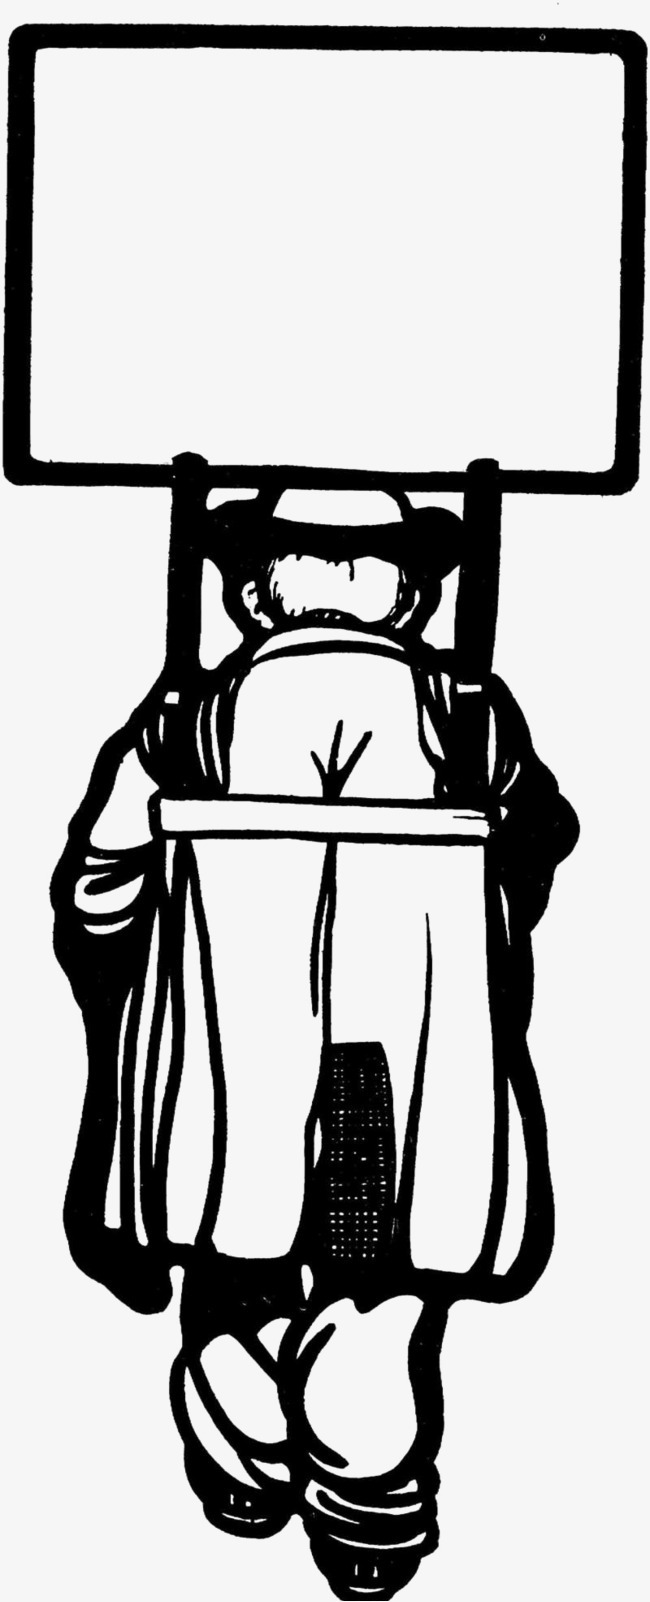 人物背景黑白插图